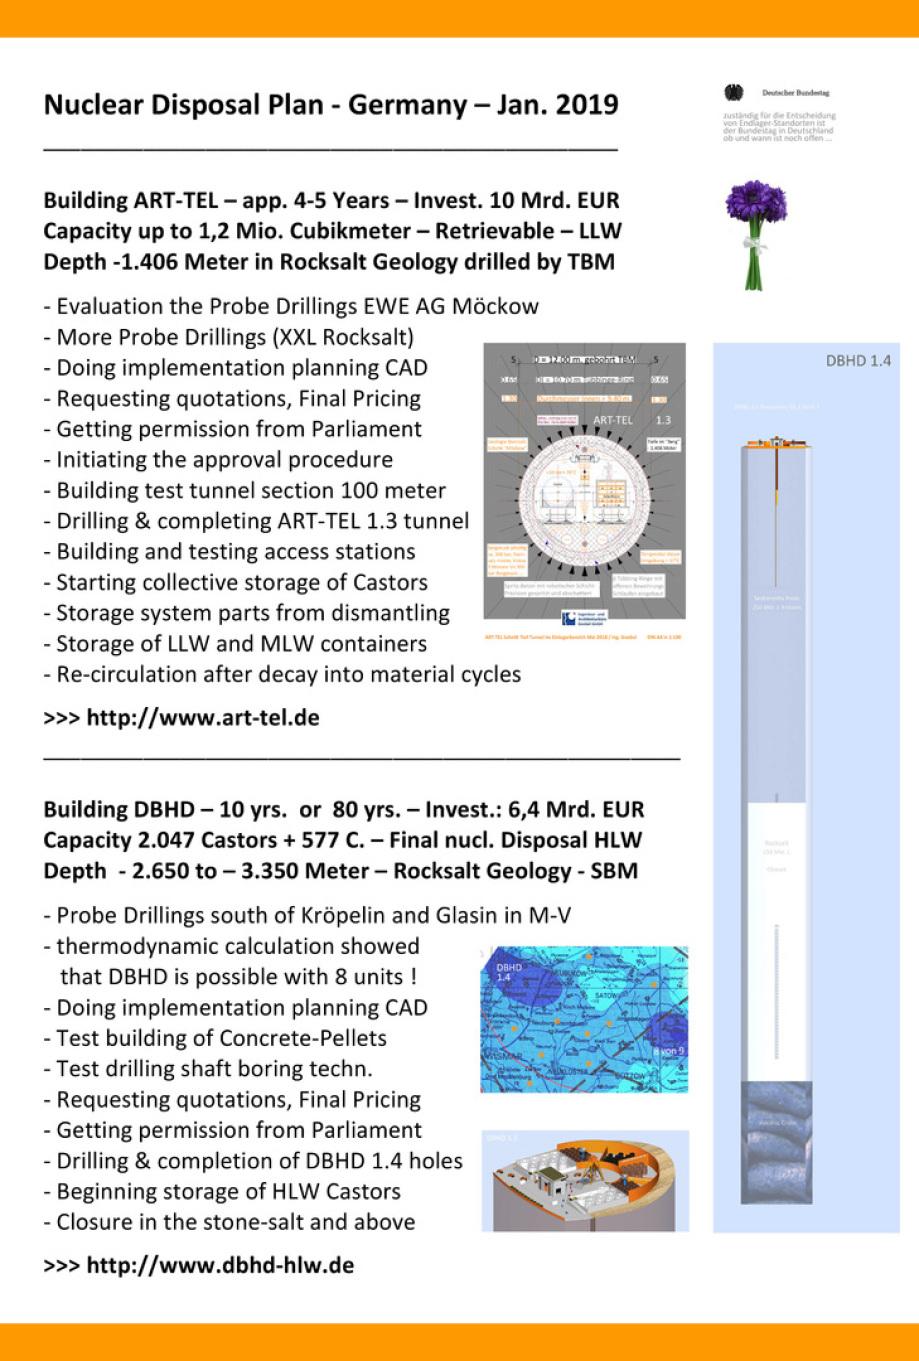 Endlager Planung Deutschland und Schweiz - Atommüll - leicht, mittel und hoch radioaktive Reststoffe Volker Goebel Endlager